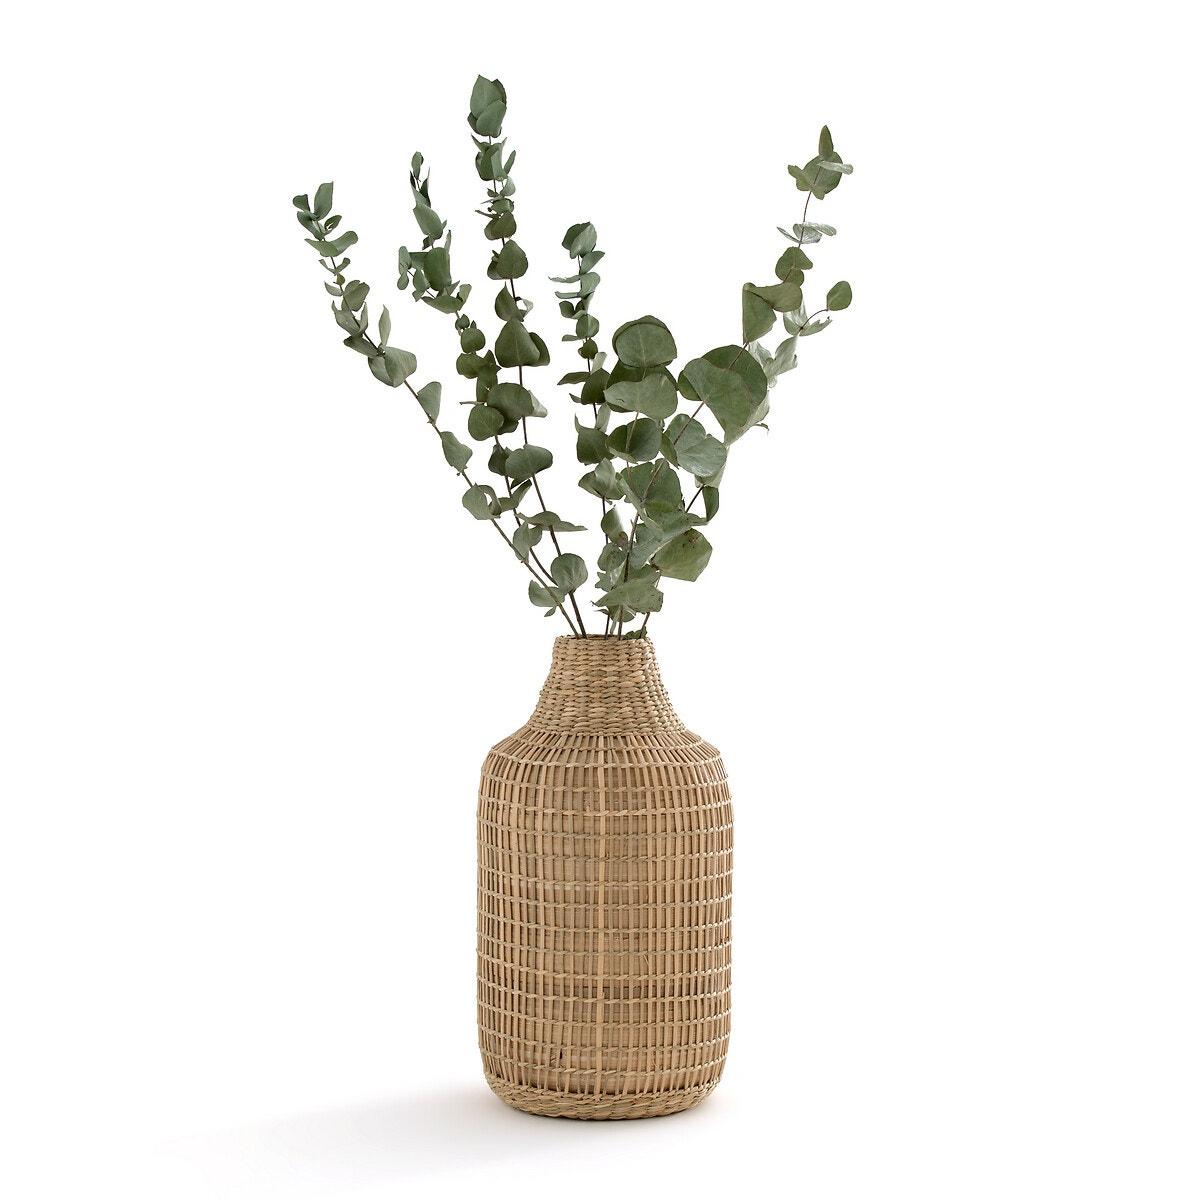 Jarrón decorativo de bambú trenzado natural